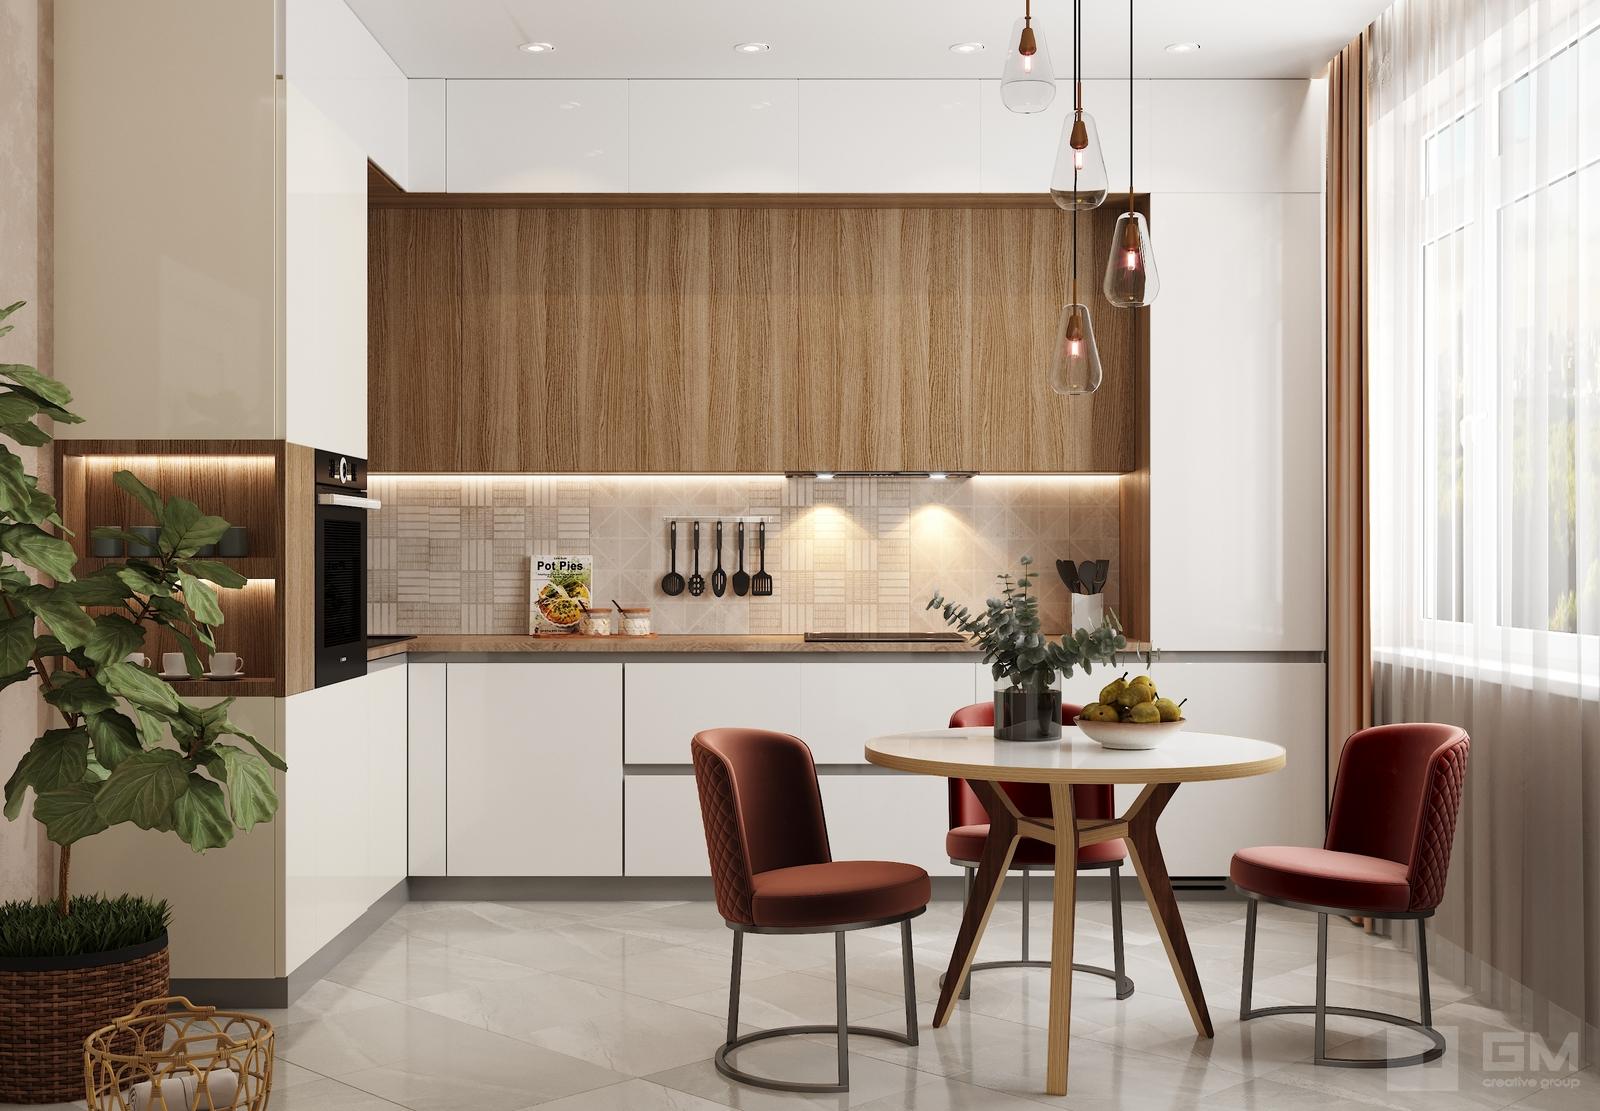 Современный интерьер с хорошо организованным бытом в ЖК Зиларт от студии дизайна GM-Interior